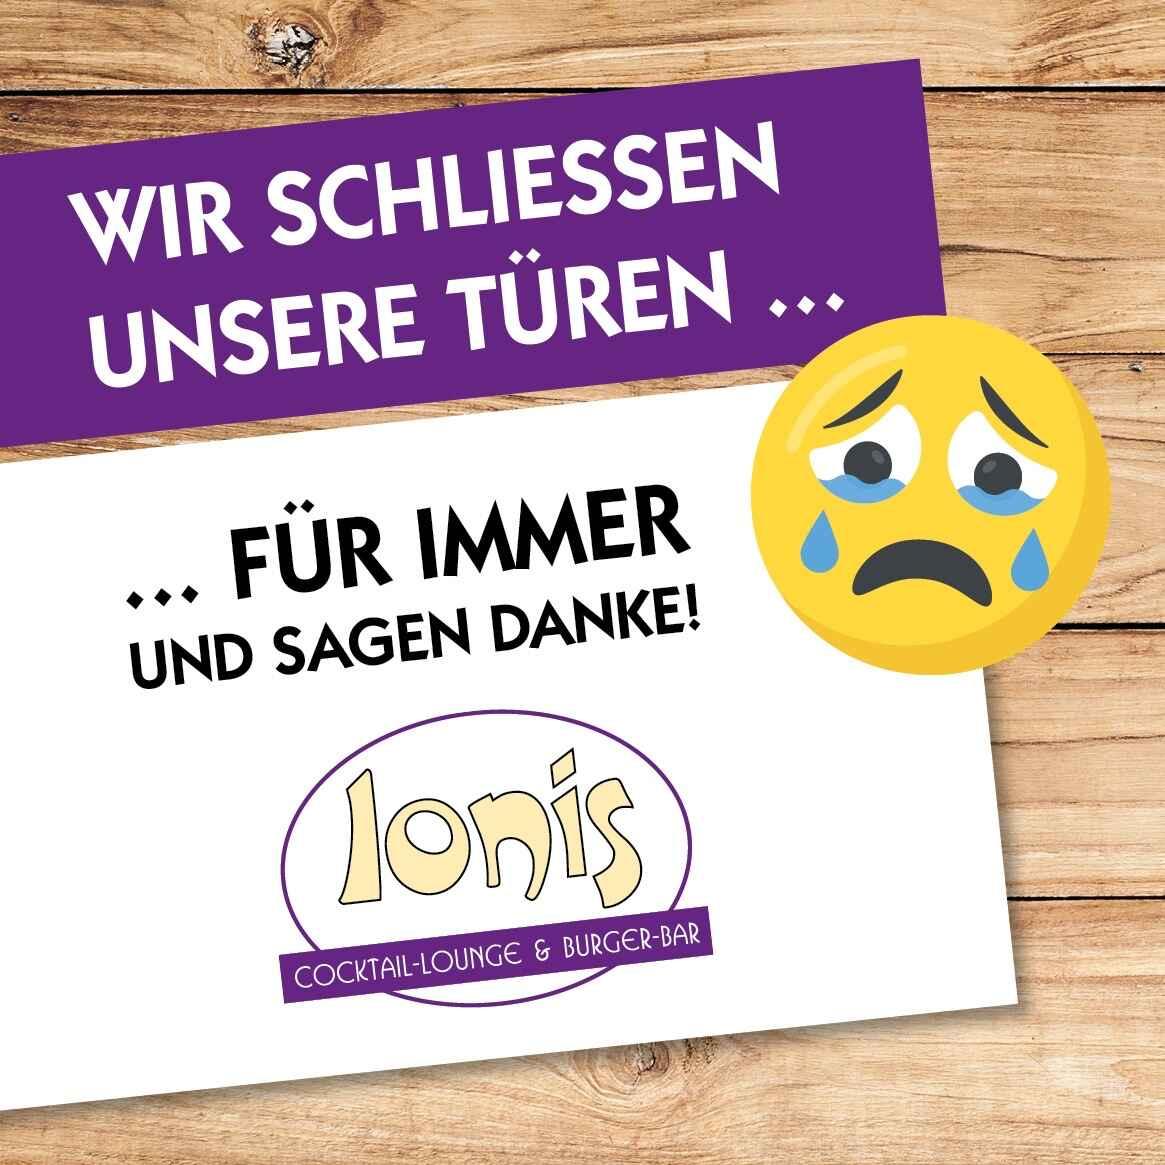 Bild zur Nachricht von Ionis Wertheim